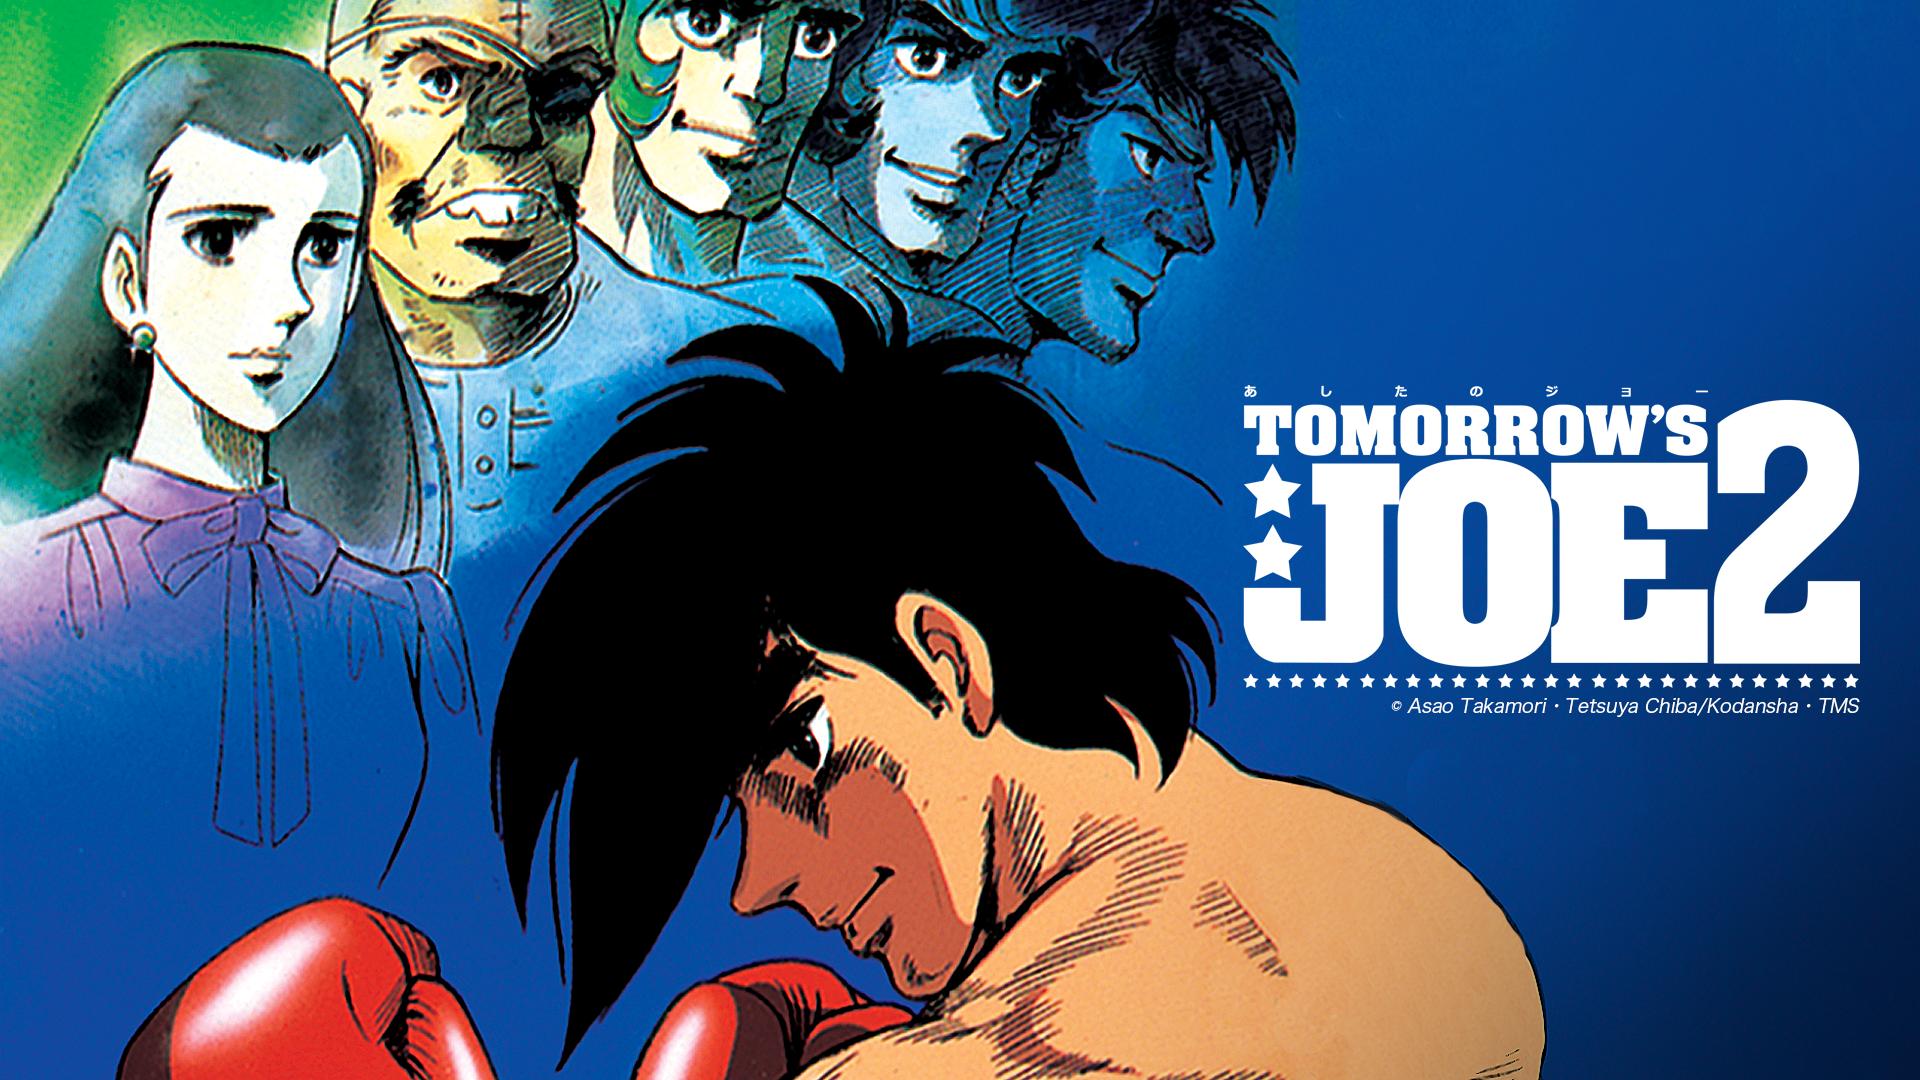 Tomorrow's Joe 2 (Original Japanese Audio)